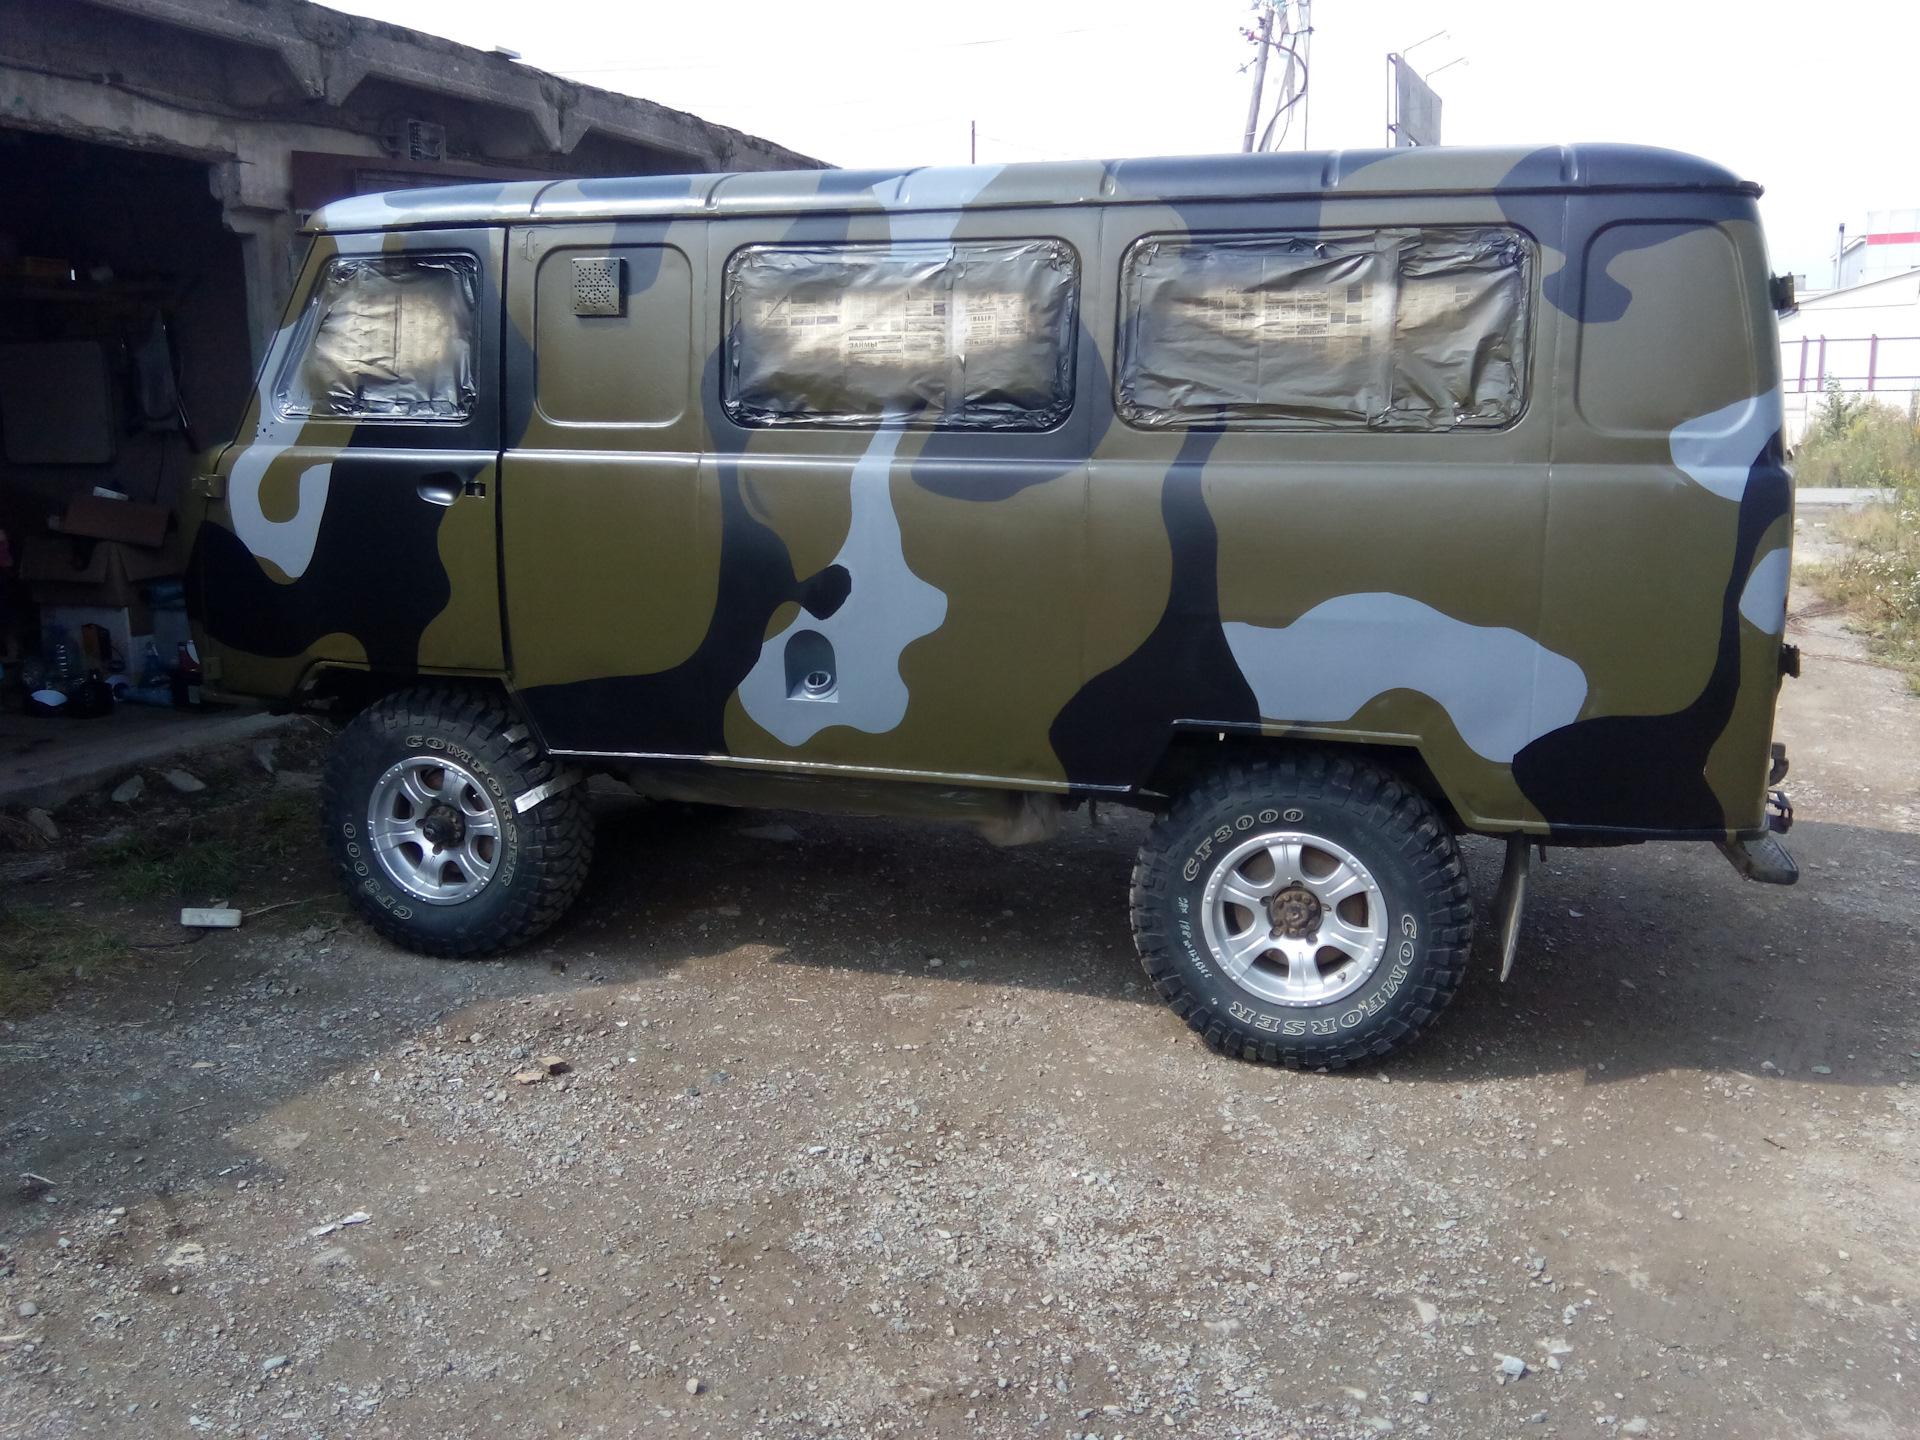 Покраска УАЗа в камуфляж своими руками - Ремонт и тюнинг кузова 35